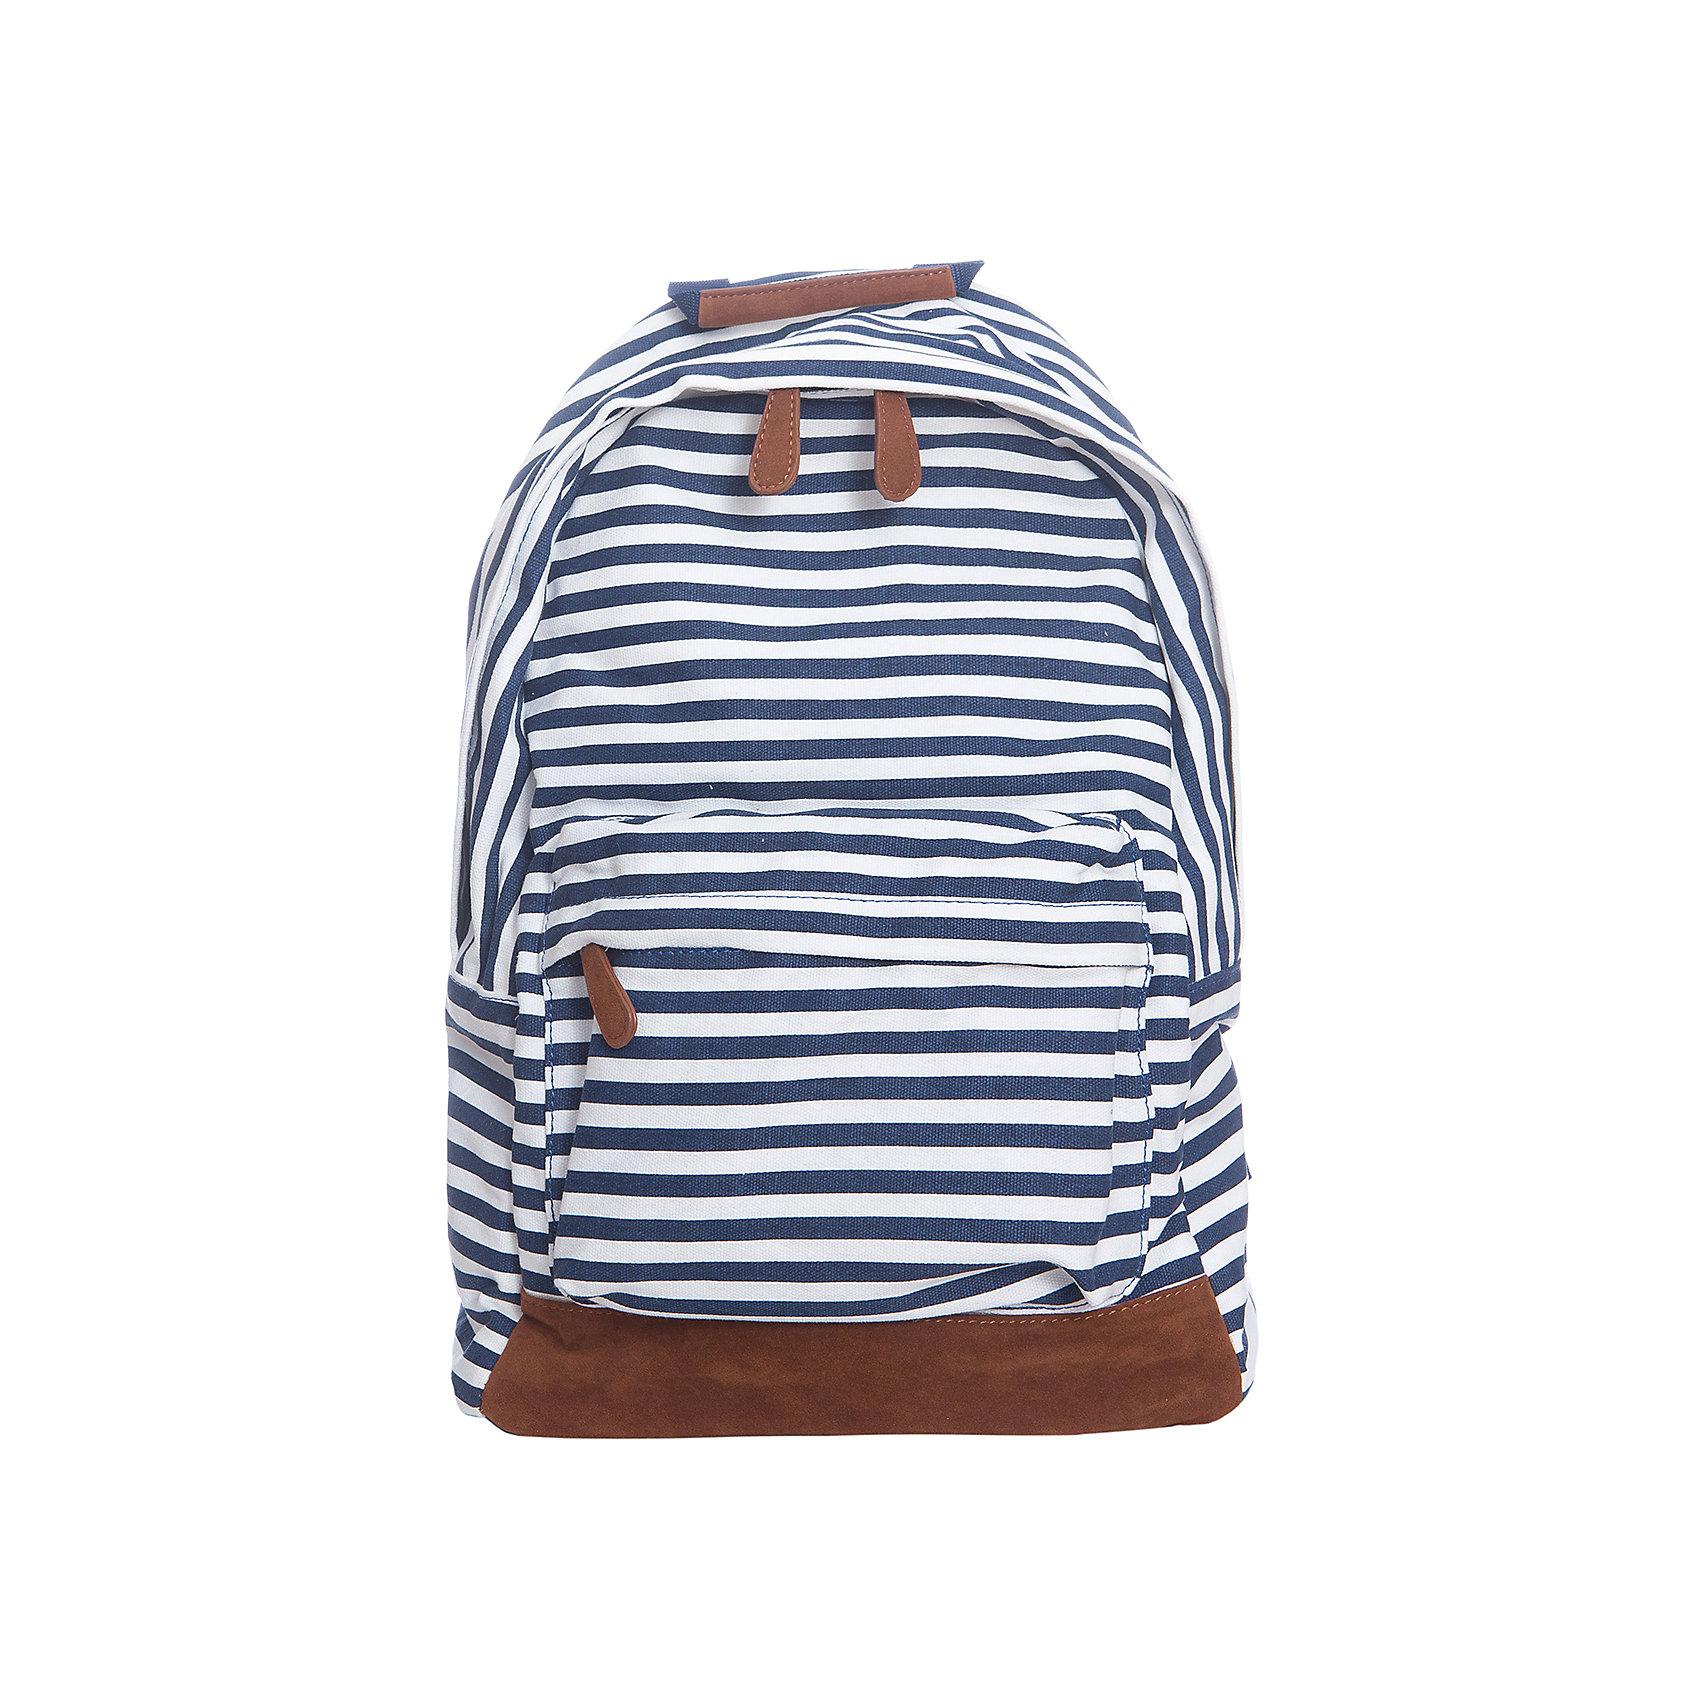 Рюкзак  BUTTON BLUEРюкзак  BUTTON BLUE<br>Мягкие текстильные рюкзаки - хит сезона! Они с легкостью вытеснили из детского гардероба привычные сумки через плечо, сделав весенне-летний образ ребенка более спортивным и динамичным. Не сомневайтесь, желая купить недорого стильный детский рюкзак отличного качества! Это возможно! Синий рюкзак в полоску от Button Blue - прекрасный летний вариант для комфорта и настроения.<br>Состав:<br>канвас, искусственная замша<br><br>Ширина мм: 227<br>Глубина мм: 11<br>Высота мм: 226<br>Вес г: 350<br>Цвет: разноцветный<br>Возраст от месяцев: 0<br>Возраст до месяцев: 168<br>Пол: Унисекс<br>Возраст: Детский<br>Размер: one size<br>SKU: 5523944